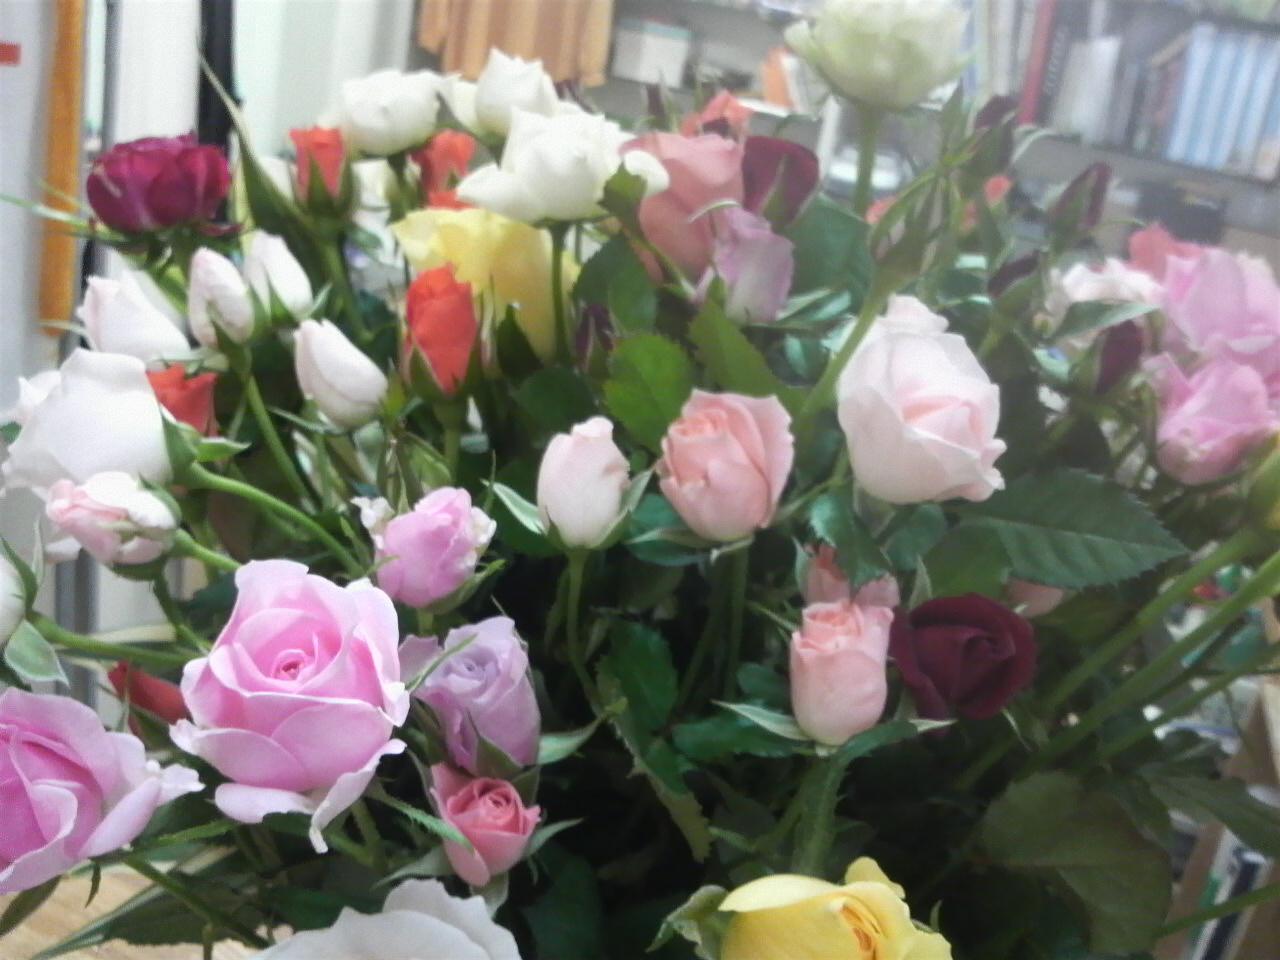 薔薇…きれい〜(*<br />  ´∇`*)